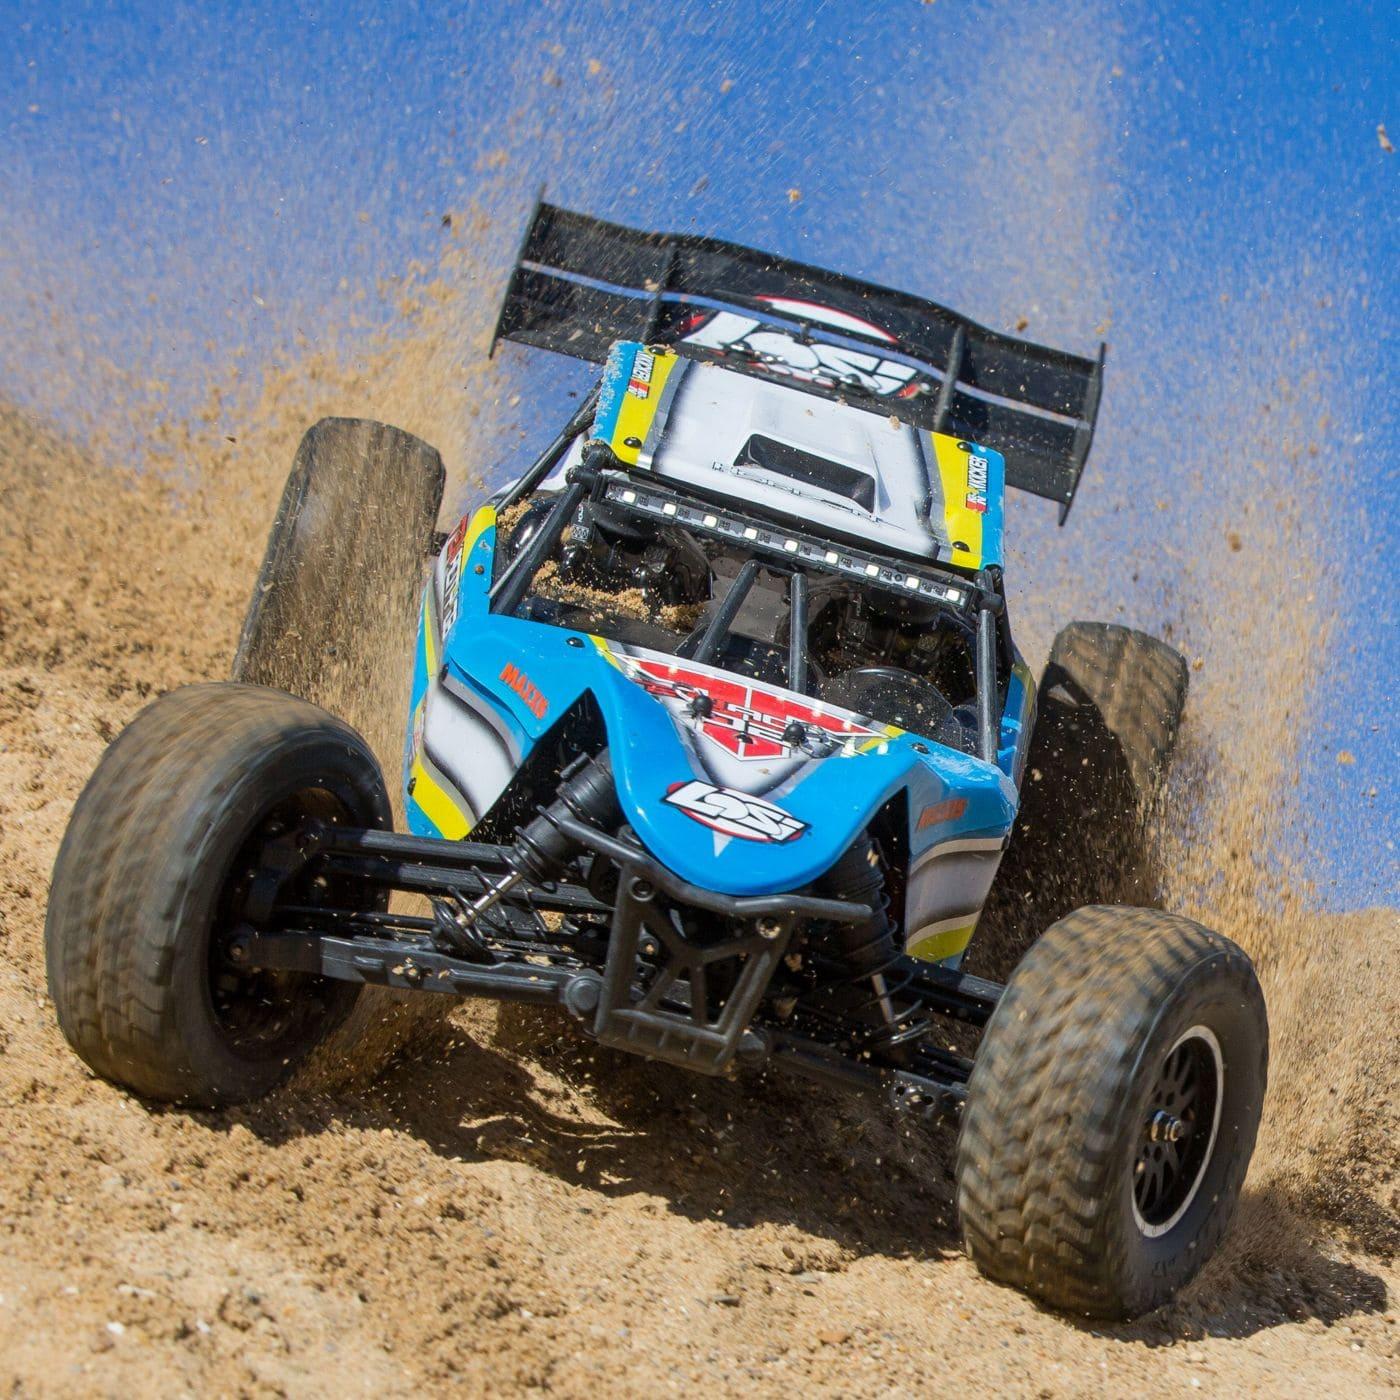 Losi Takes the Wraps Off Their Tenacity-DB Desert Buggy